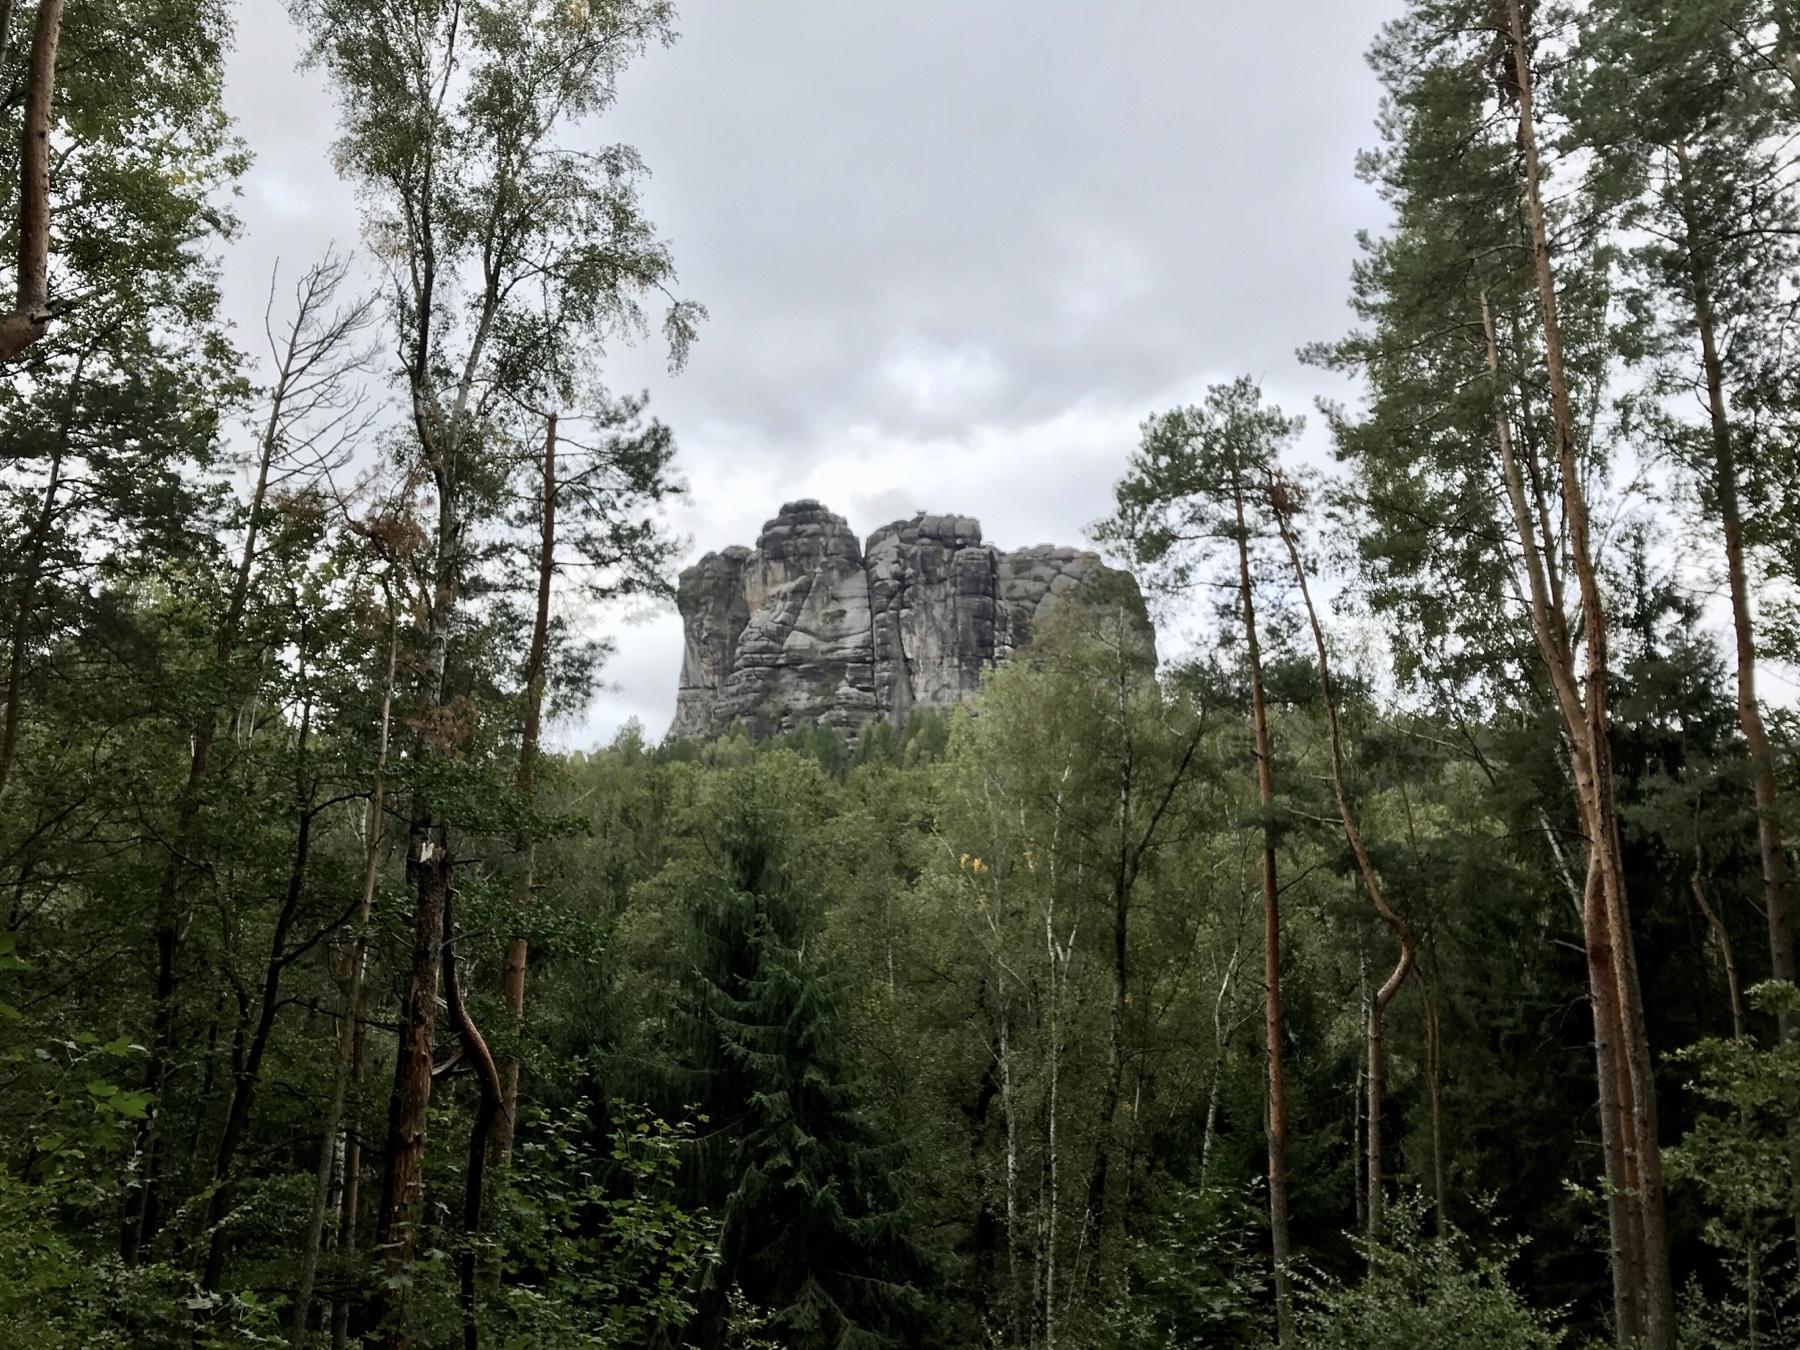 Rund um das Schrammsteintor, Malerweg Etappe 4 Altendorf Neumannmühle